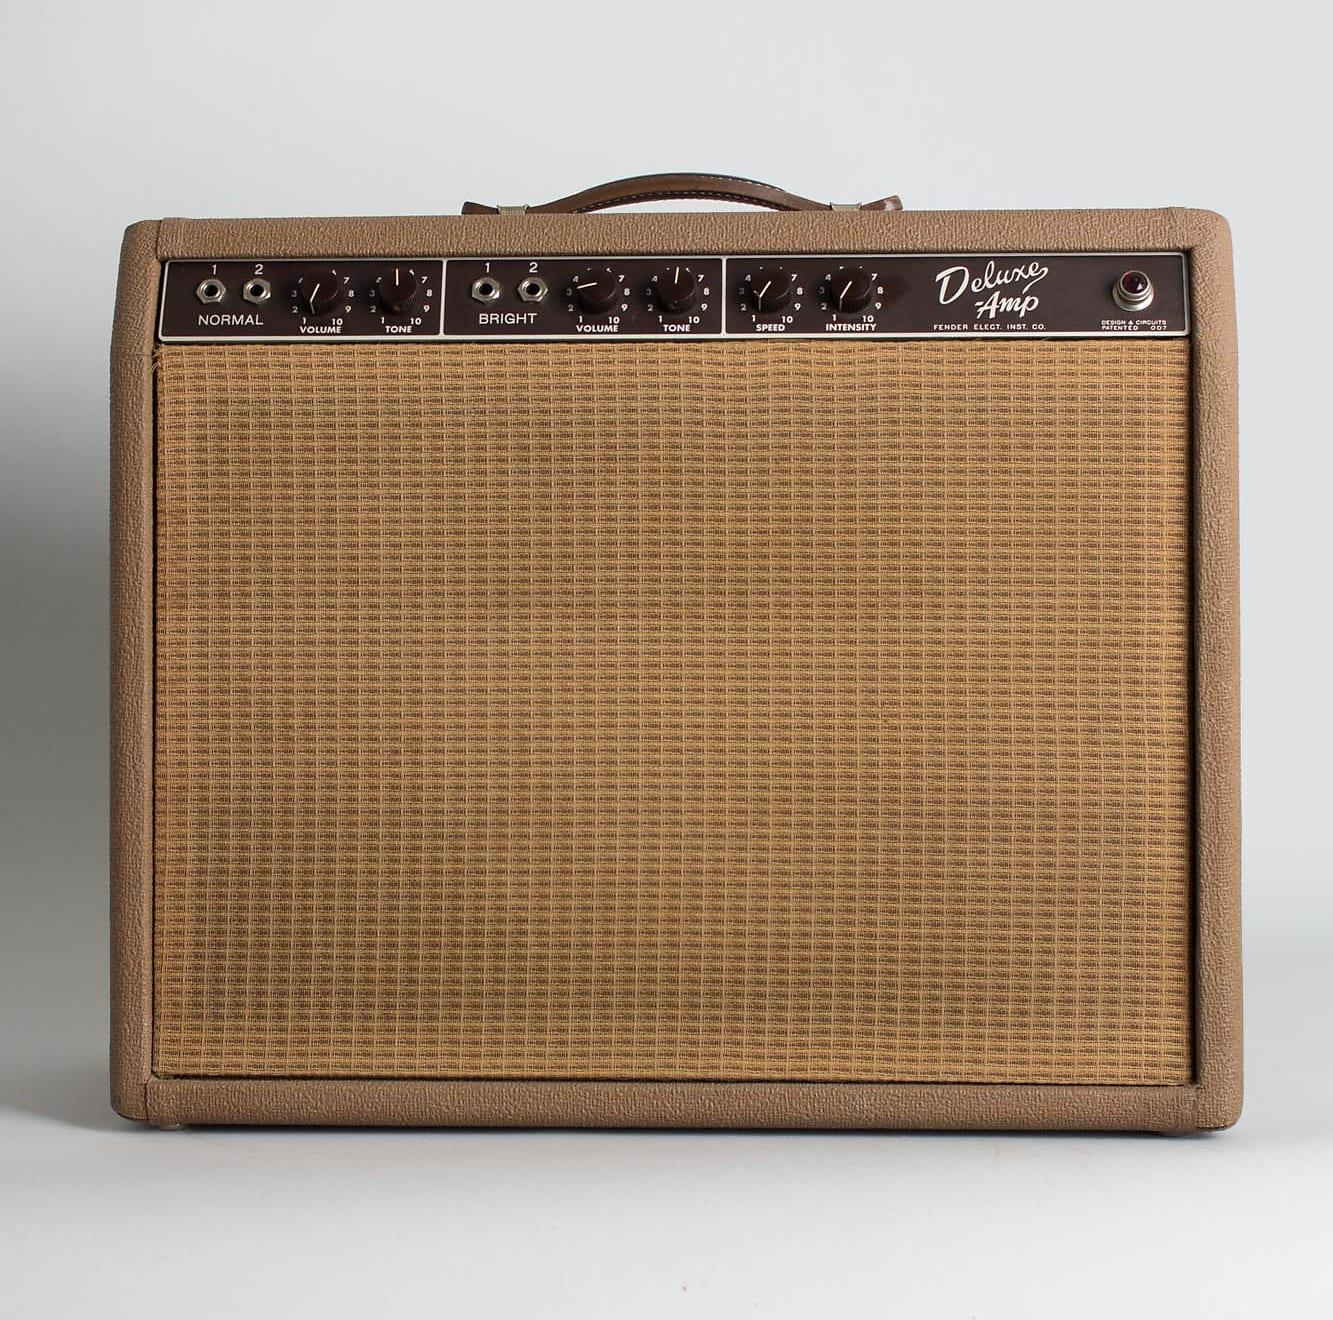 Fender  Deluxe 6G3 Tube Amplifier (1961), ser. #D-00945.